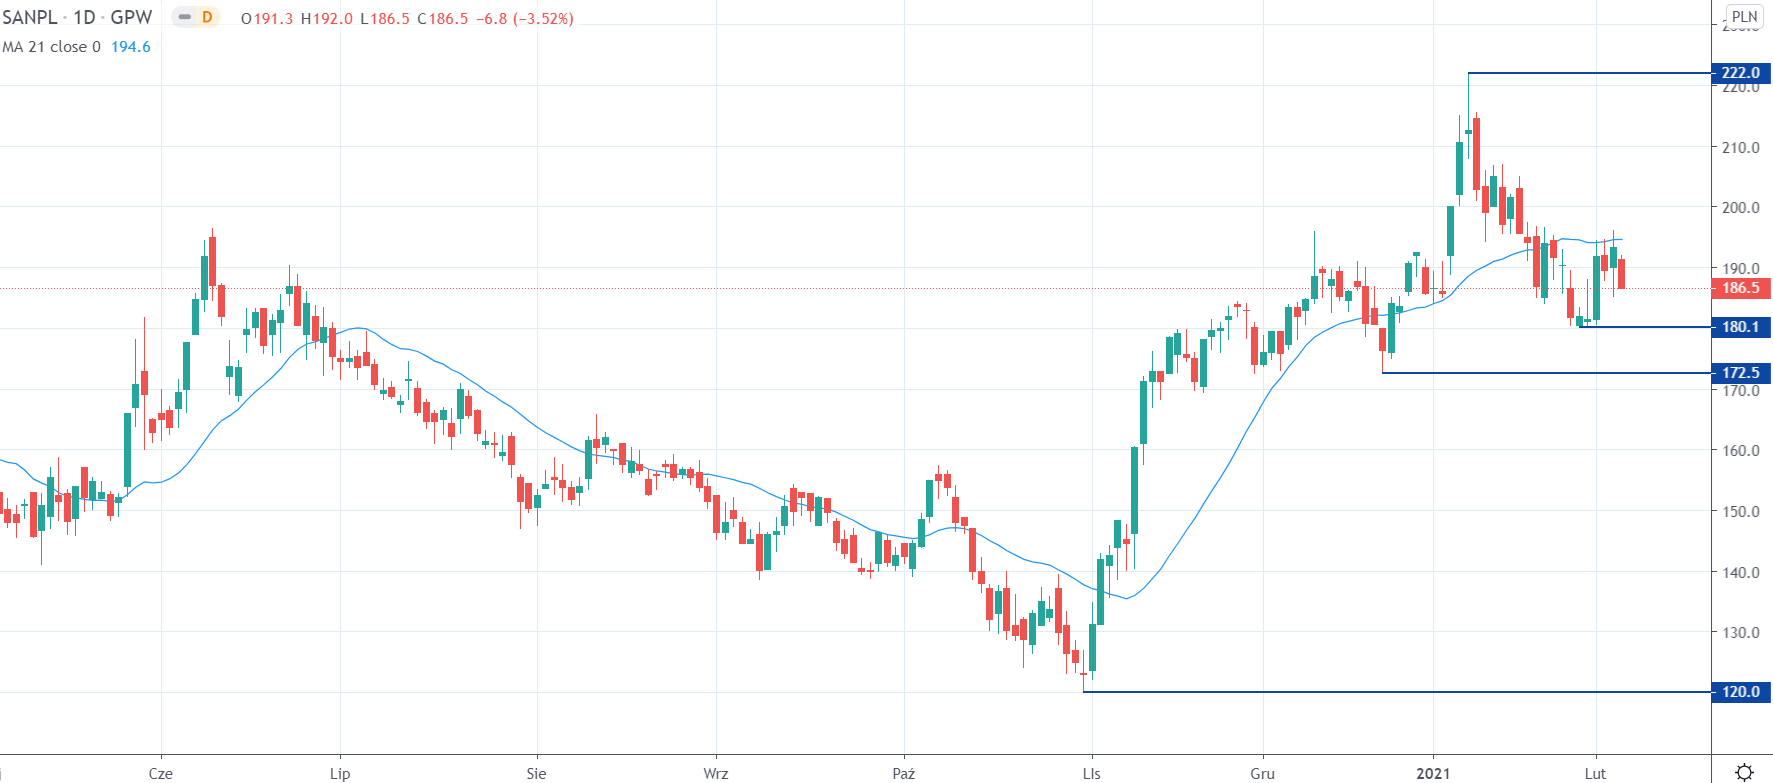 Kurs Santander na interwale dziennym, tradingview